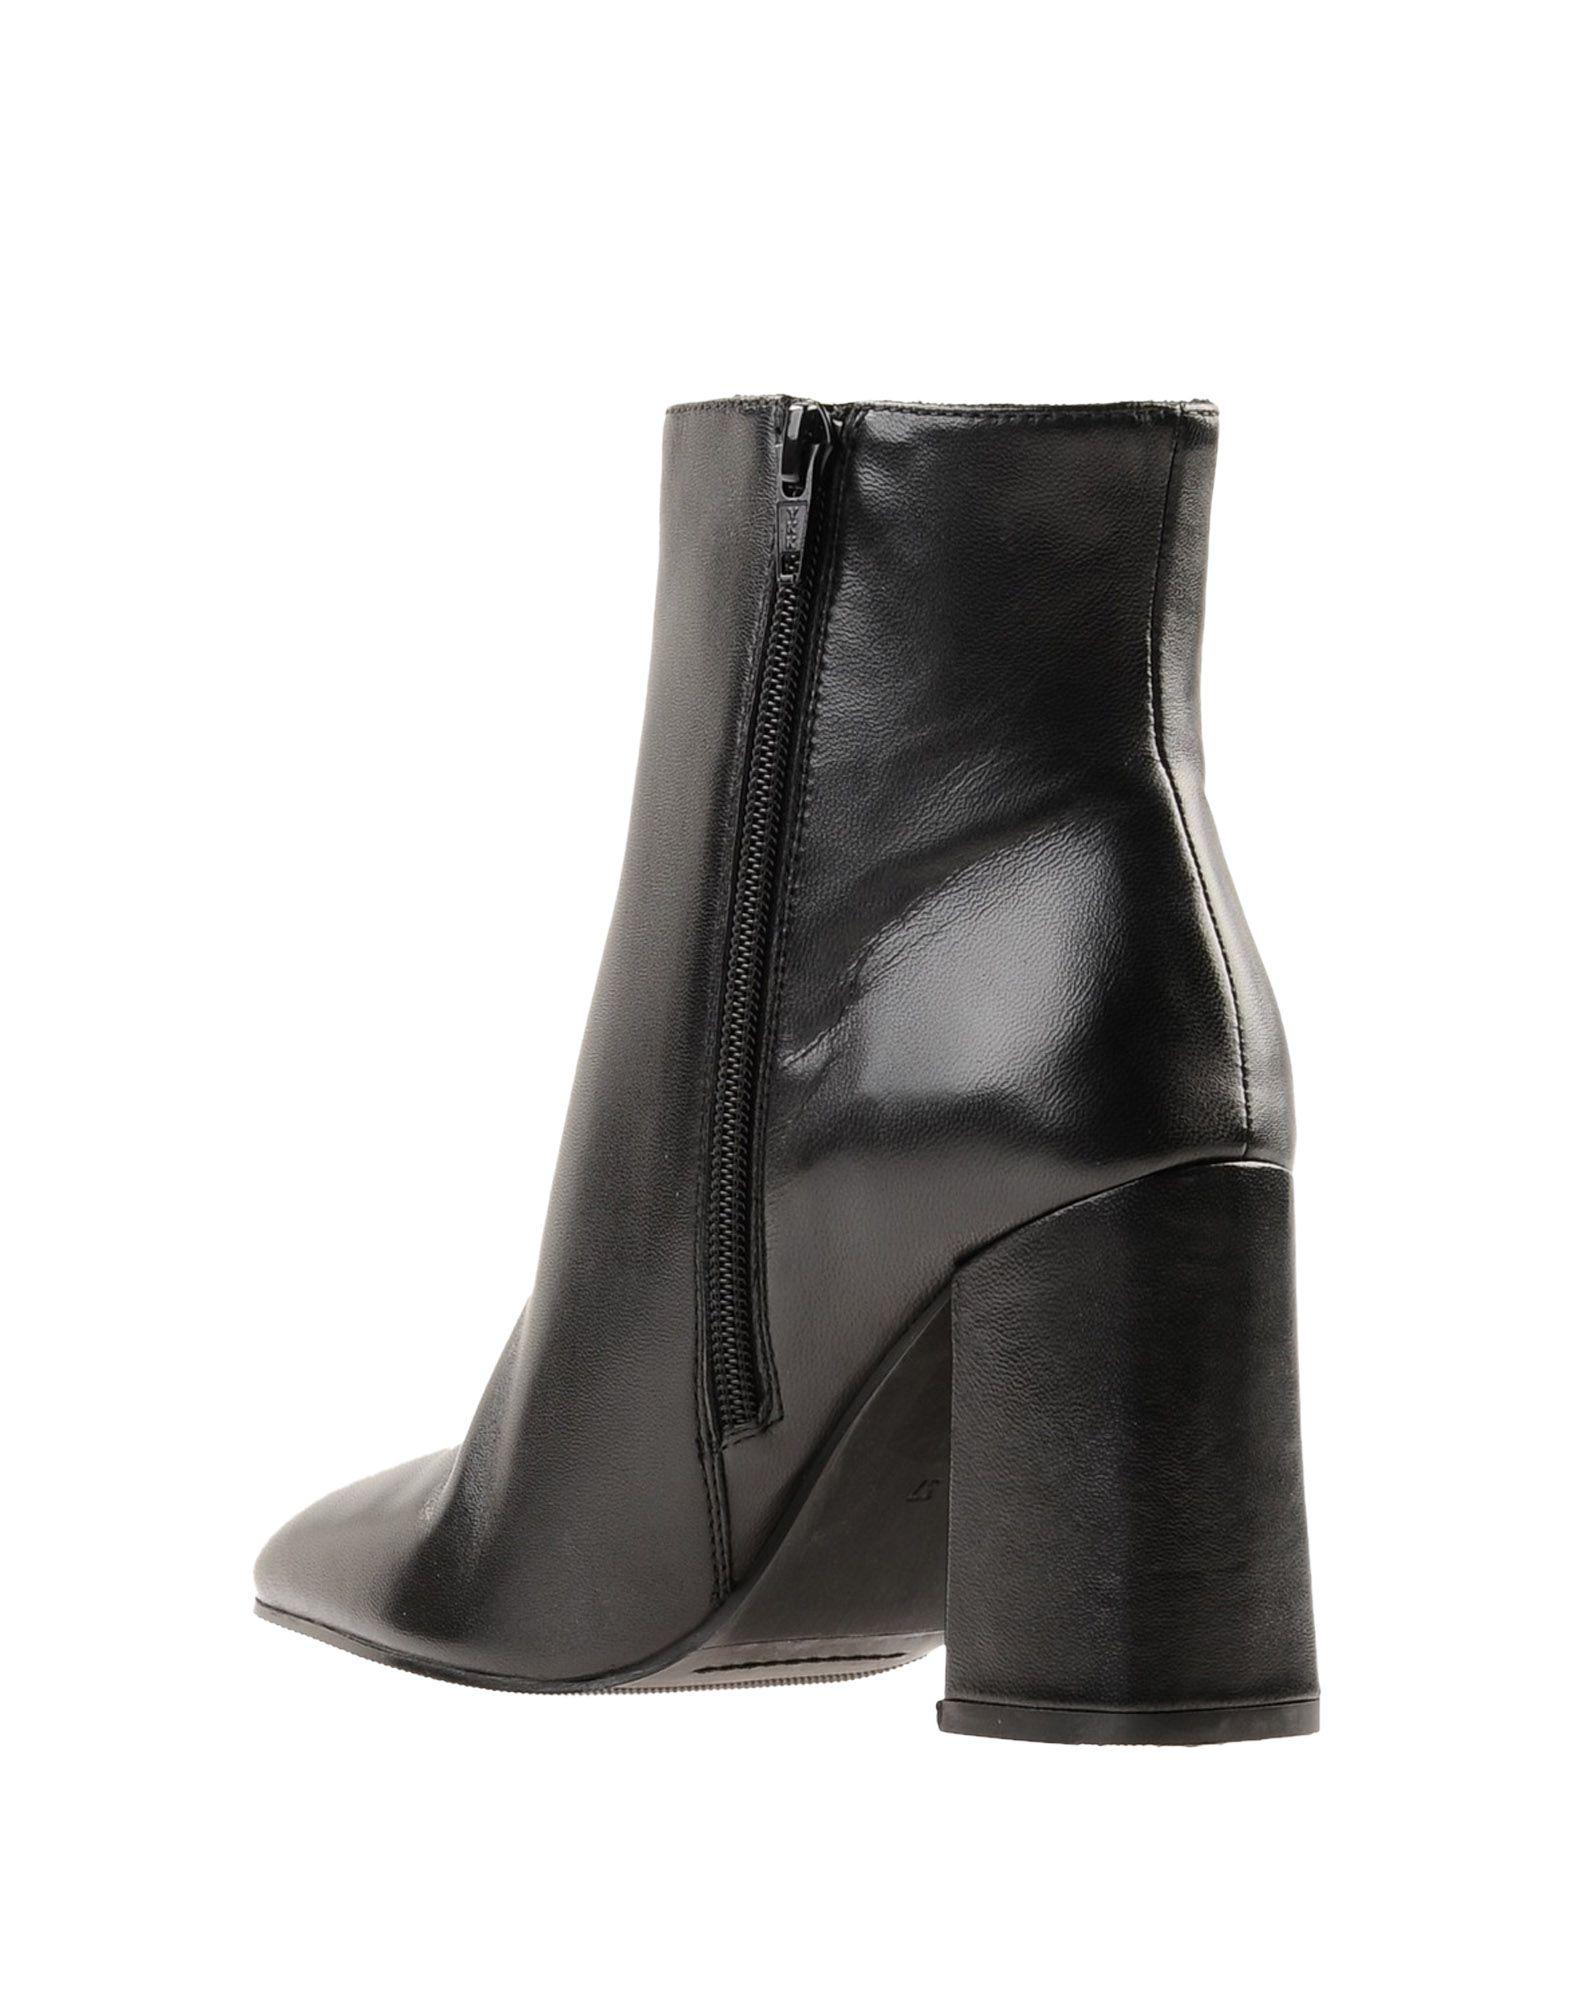 Stilvolle Stiefelette billige Schuhe Bruno Premi Stiefelette Stilvolle Damen  11533264MW 7c0847